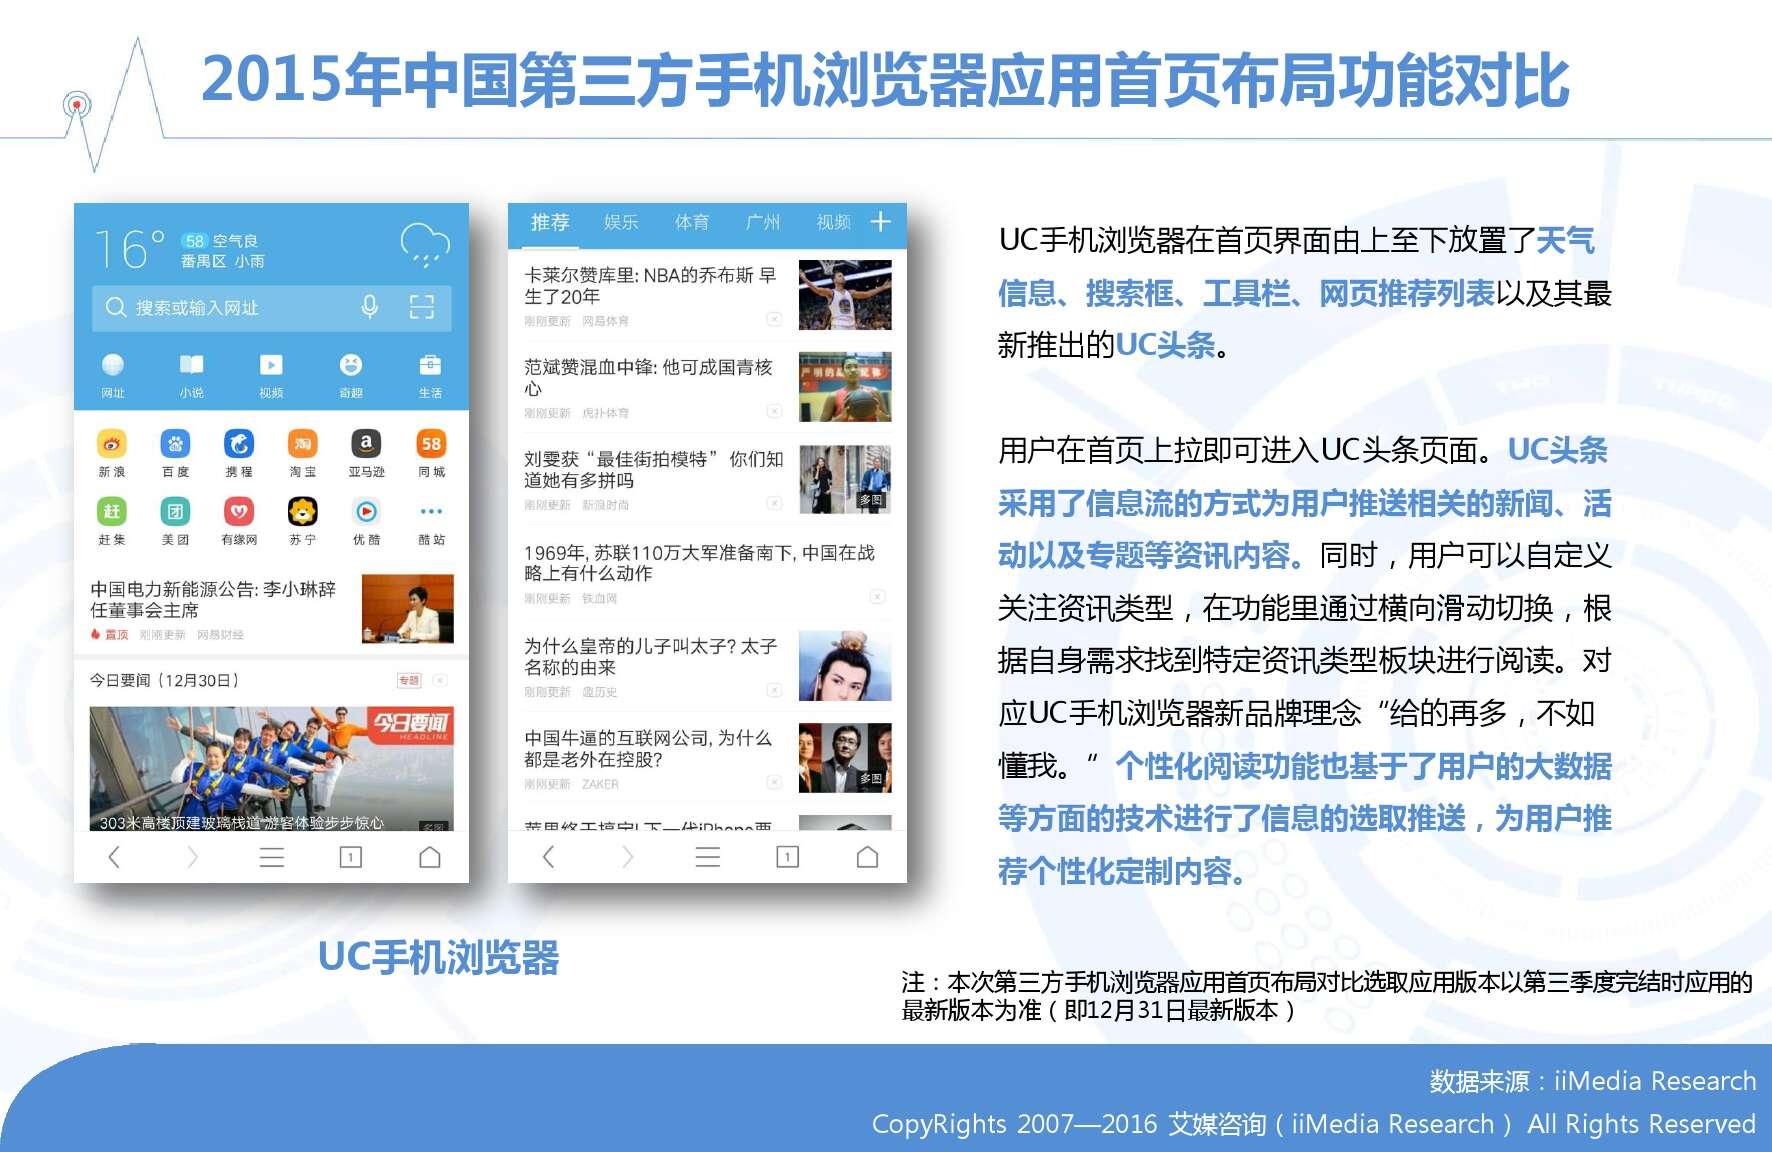 艾媒咨询:2015-2016年中国手机浏览器市场研究报告_000026